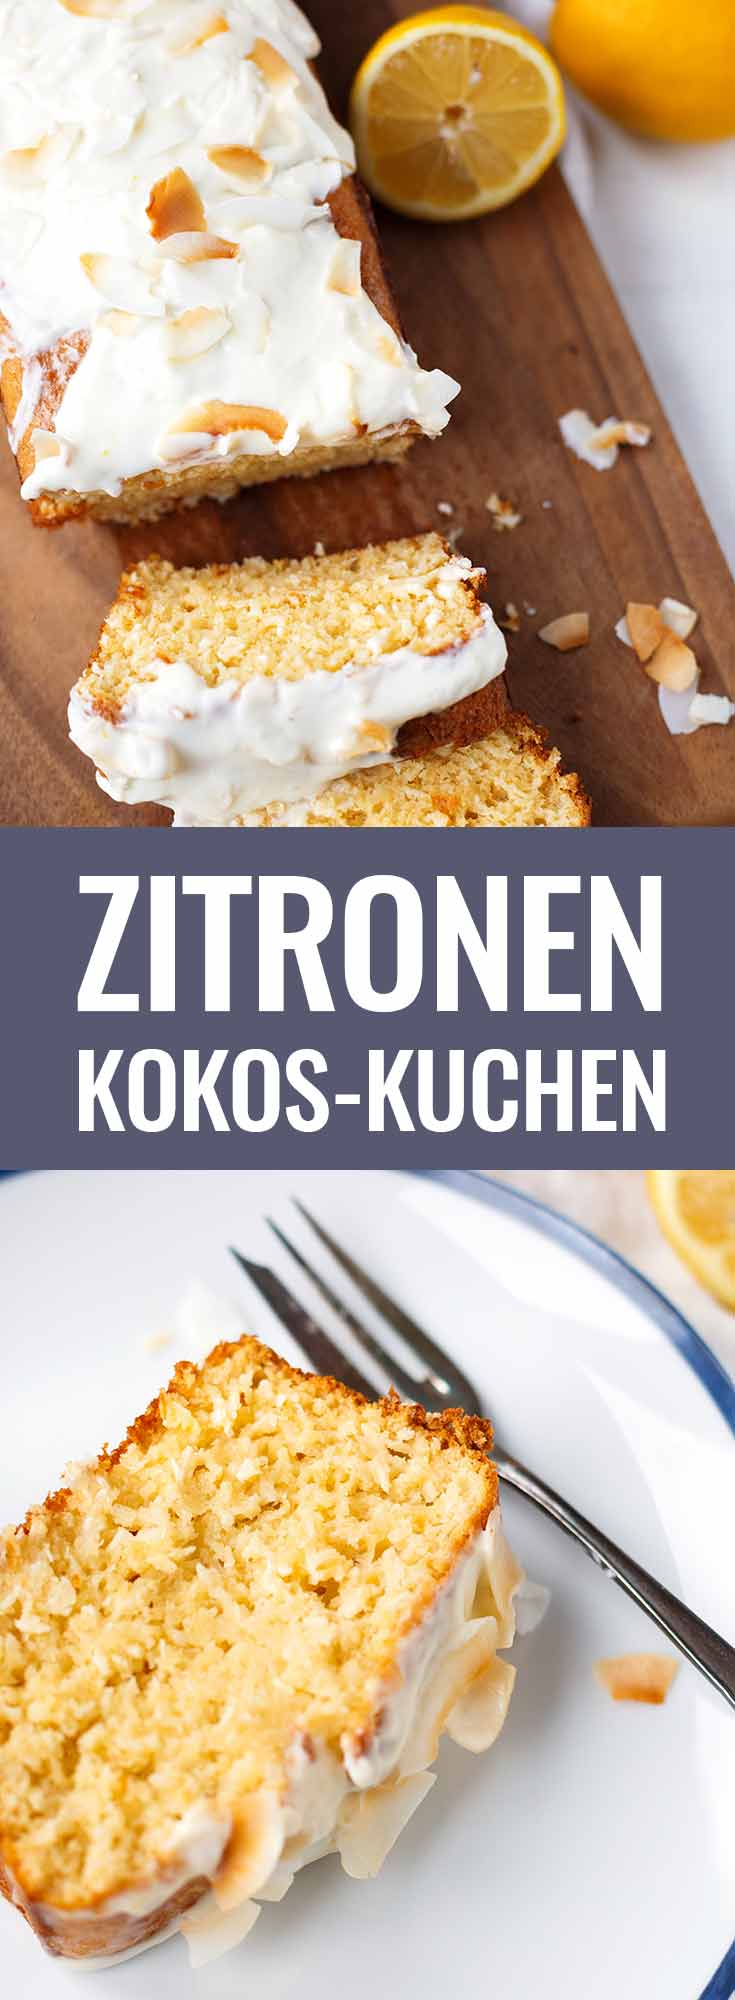 Zitronen-Kokos-Kuchen mit zitronigem Creme Fraiche-Topping. Dieses einfache Rezept ist herrlich saftig, zitronig und kokosnussig. SO lecker! - Kochkarussell.com #kuchen #zitronenkuchen #kokos #backen